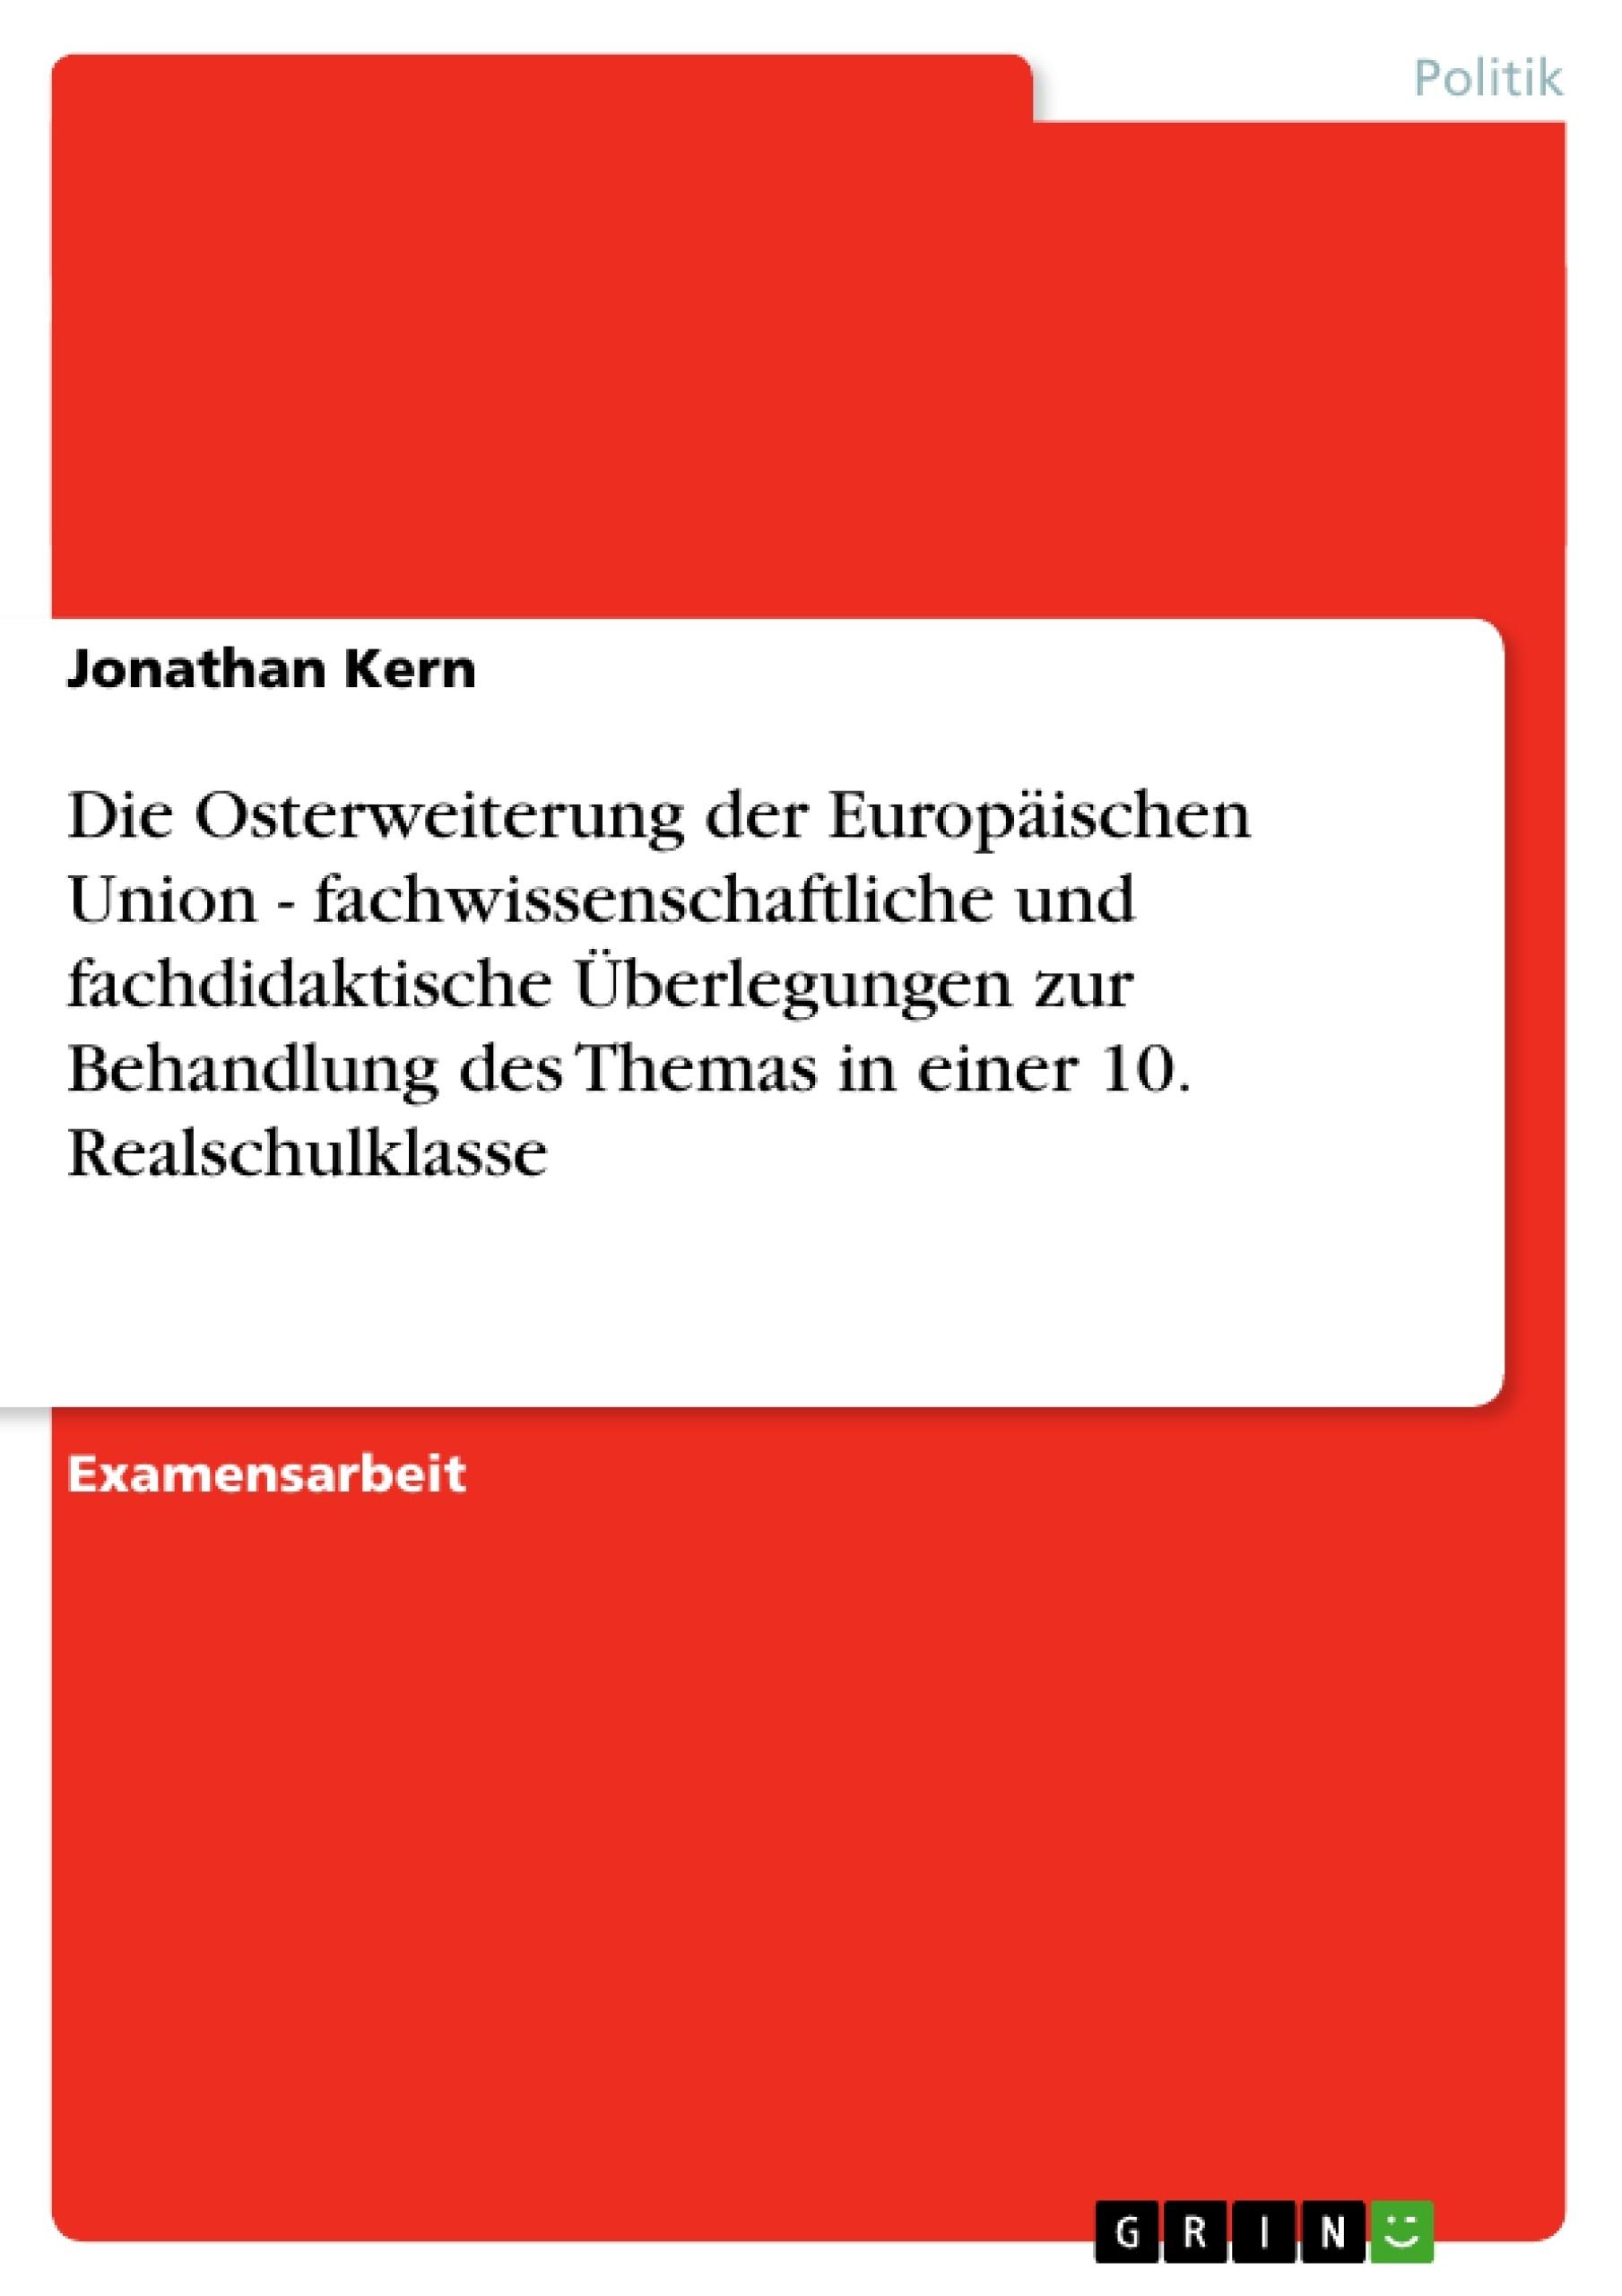 Titel: Die Osterweiterung der Europäischen Union - fachwissenschaftliche und fachdidaktische Überlegungen zur Behandlung des Themas in einer 10. Realschulklasse